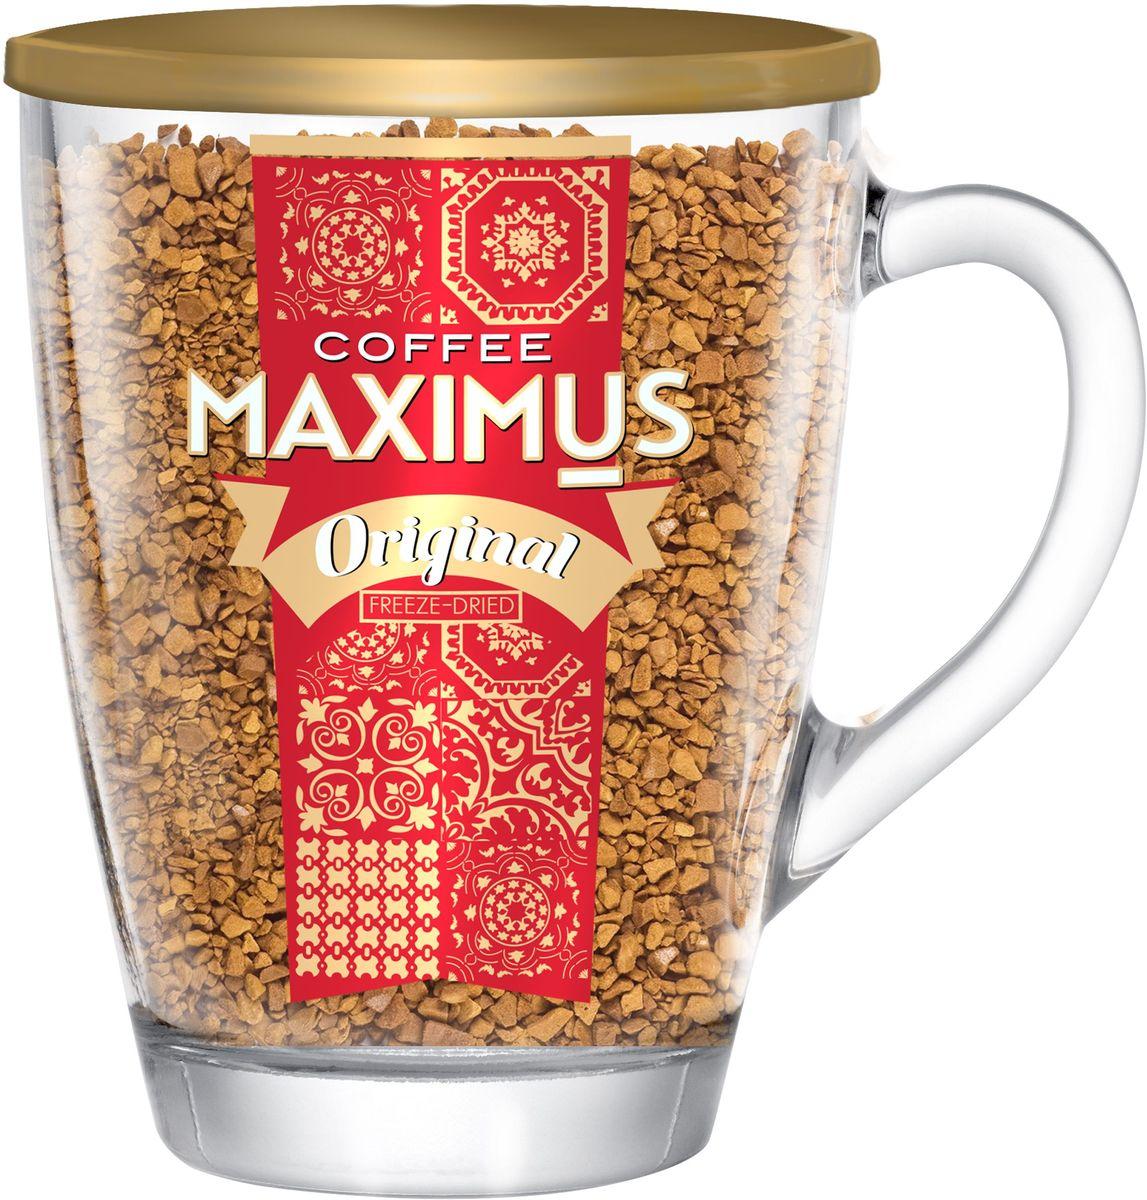 Maximus Original кофе растворимый в стеклянной кружке, 70 г4607051542341ТМ Maximus Original - гармоничный бренд, достаточно крепкий, с благородным вкусом, отлично подходит для утренней чашки кофе, зарядит энергией в течение дня.Кофе: мифы и факты. Статья OZON Гид